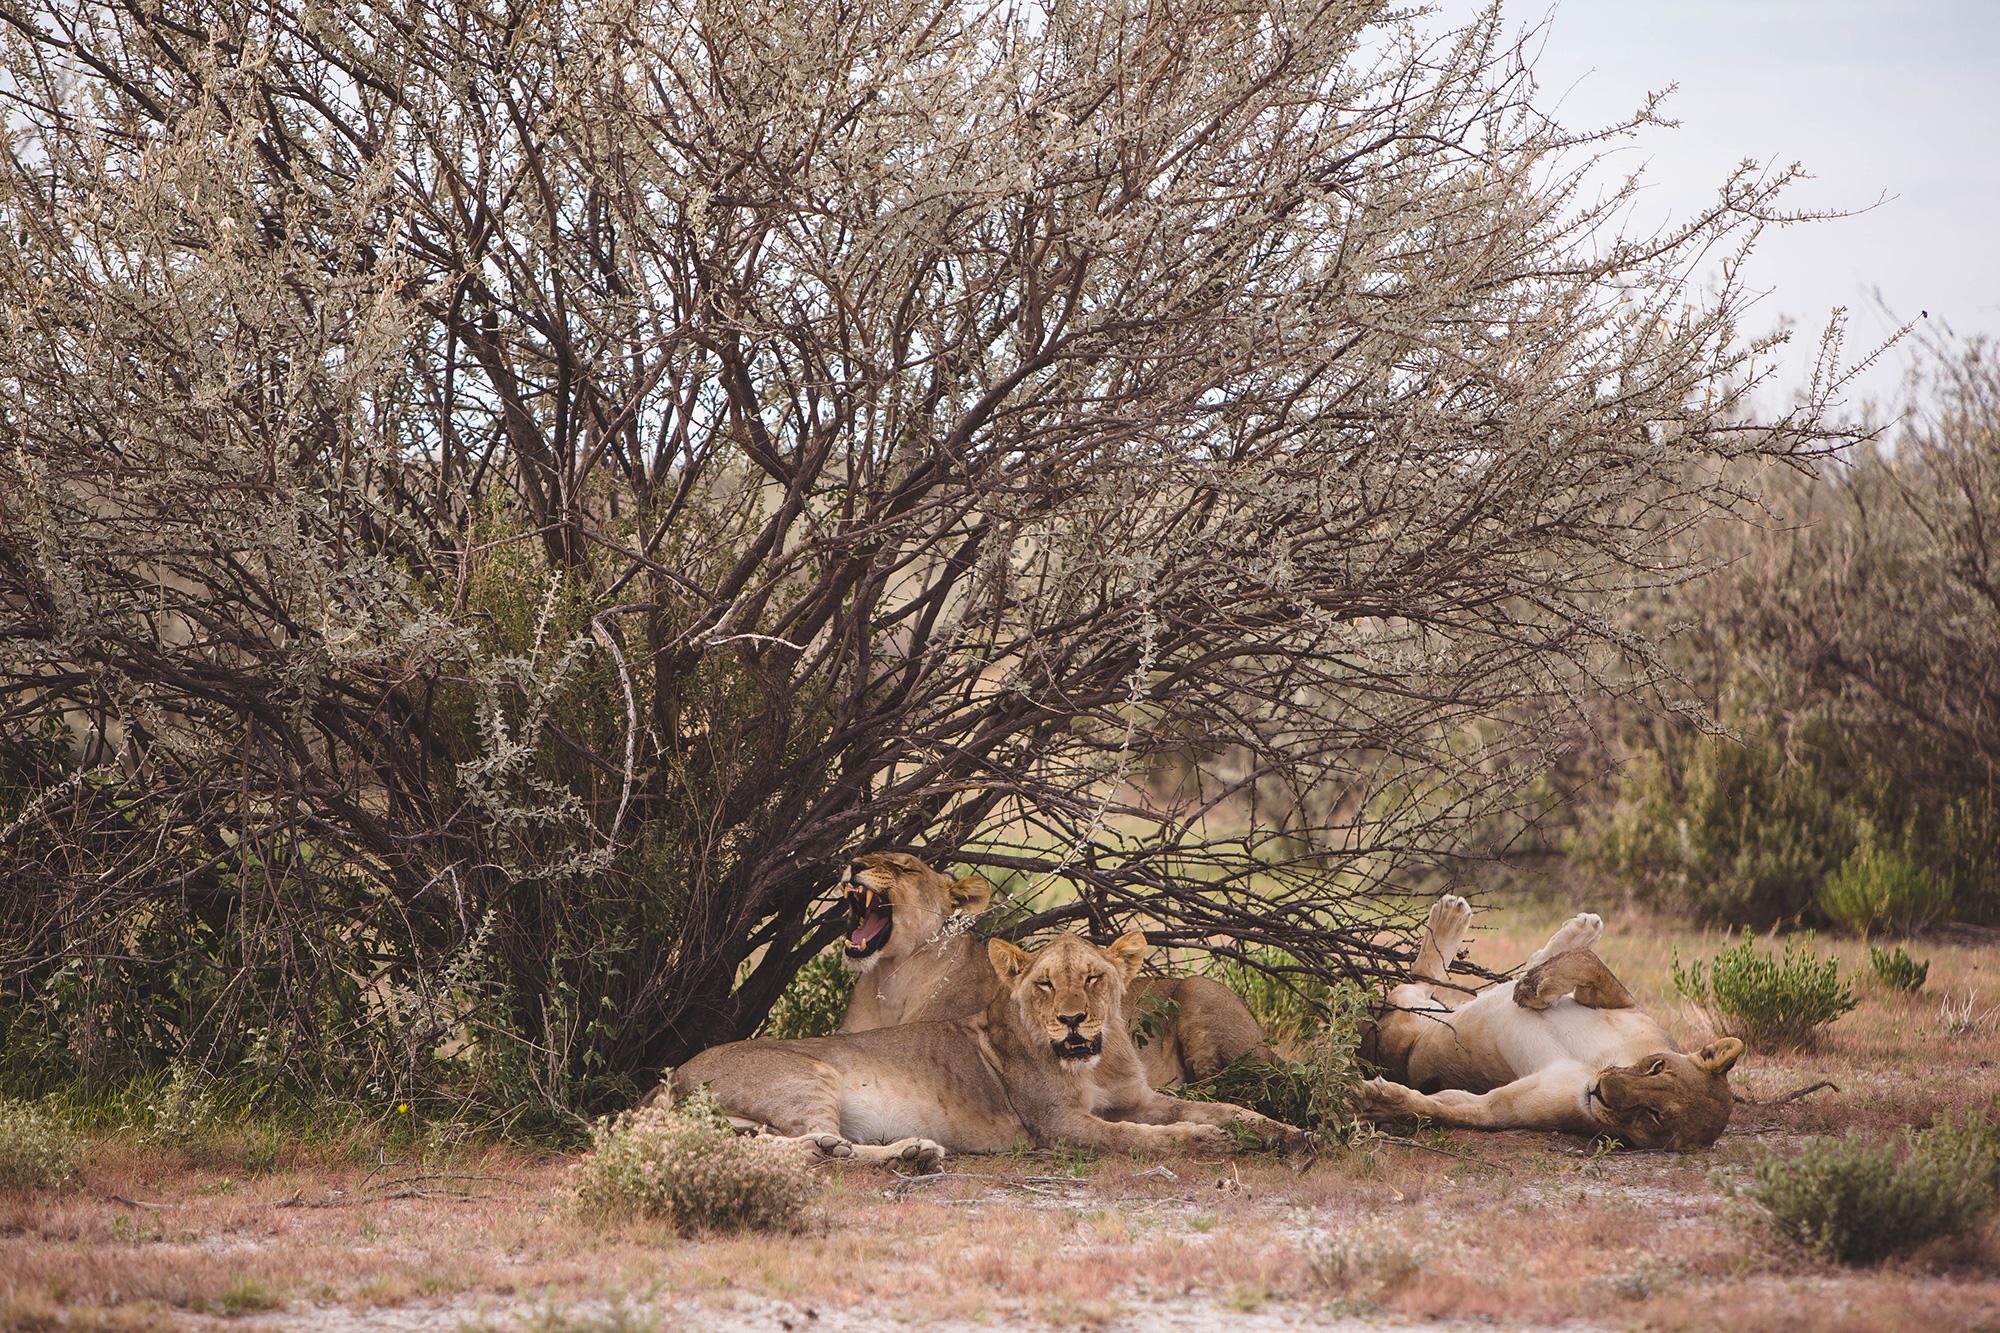 0007_Namibia_13102.jpg